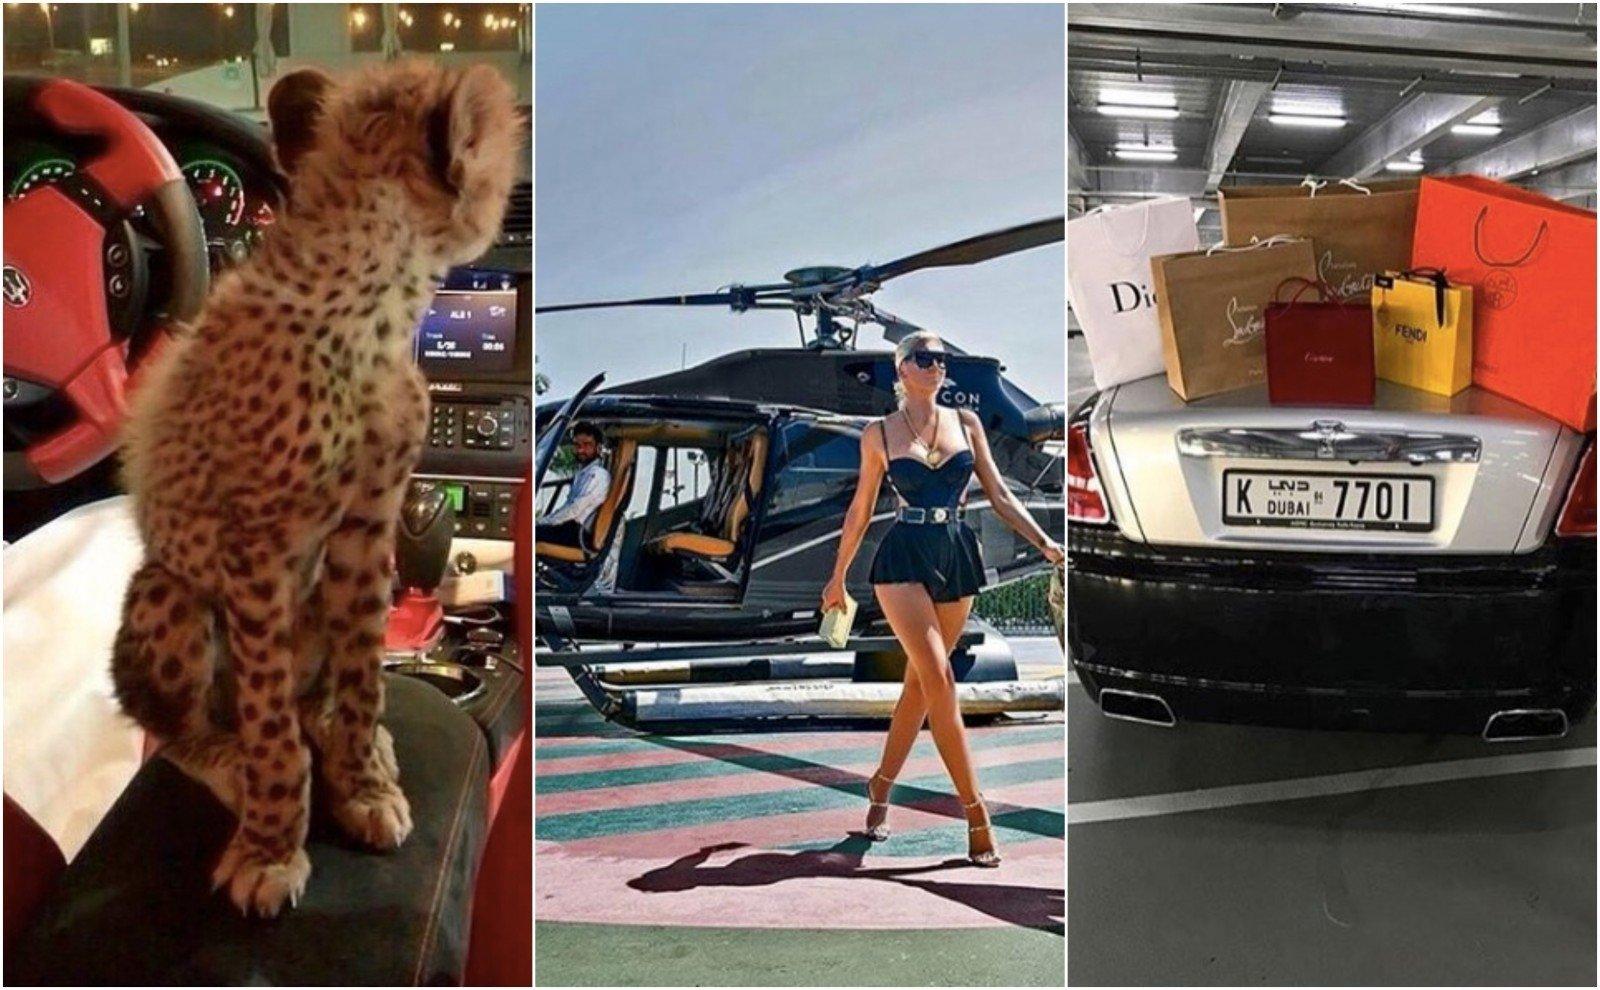 Išskirtinis pasakojimas iš vietos, kur renkasi turtingi ir įtakingi: štai kaip taškomi pinigai